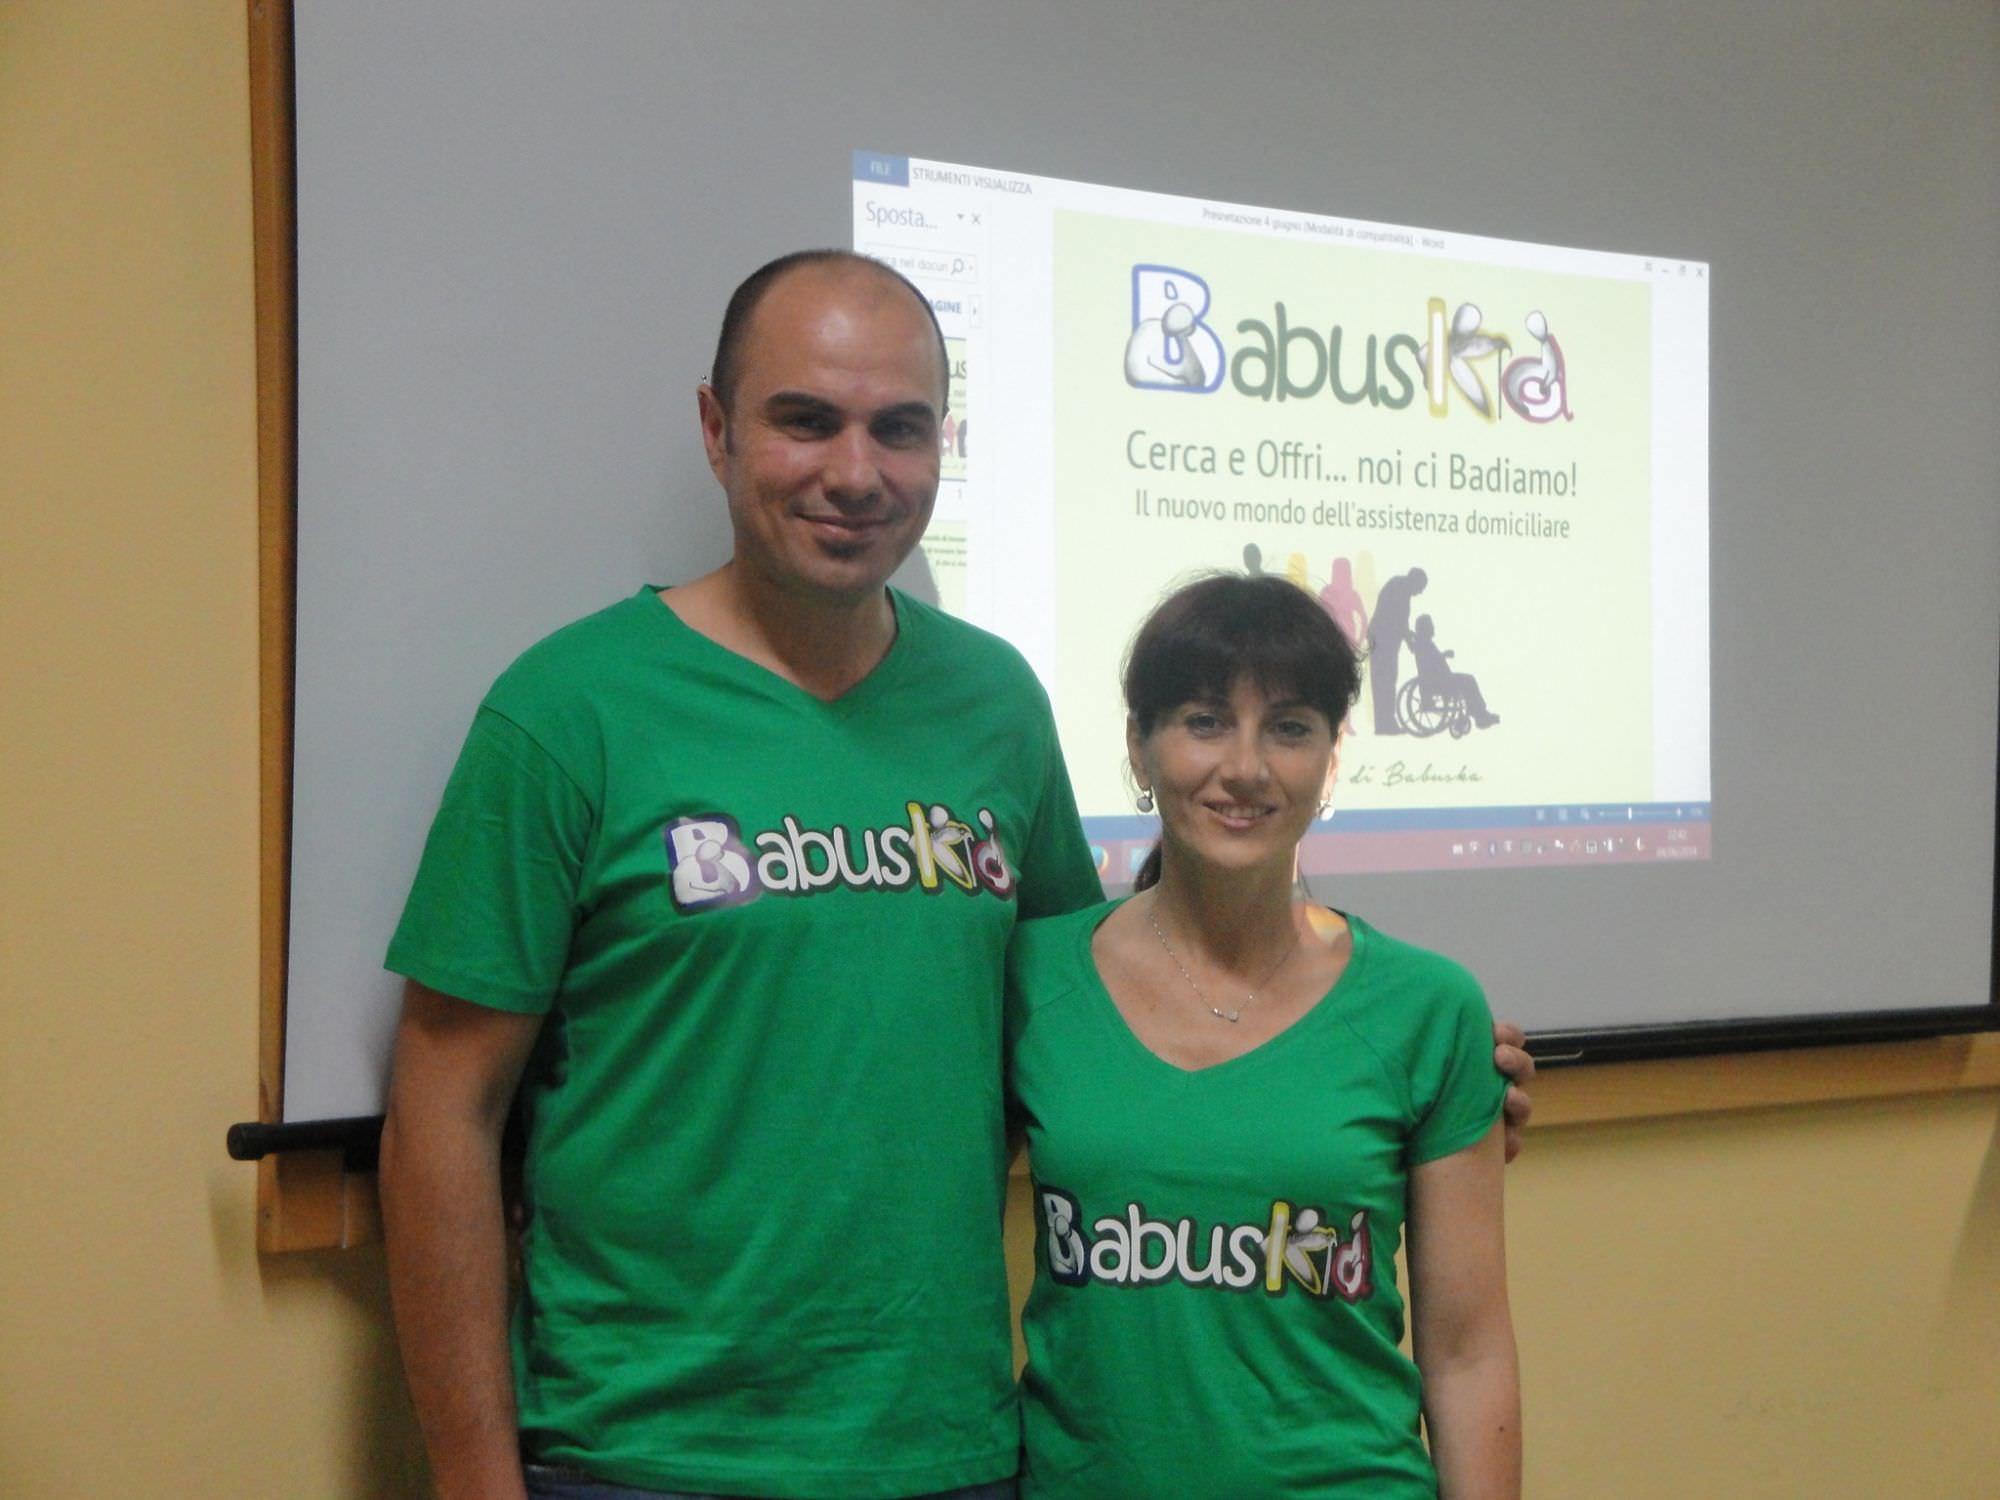 Babuska, il portale italiano dell'assistenza domiciliare